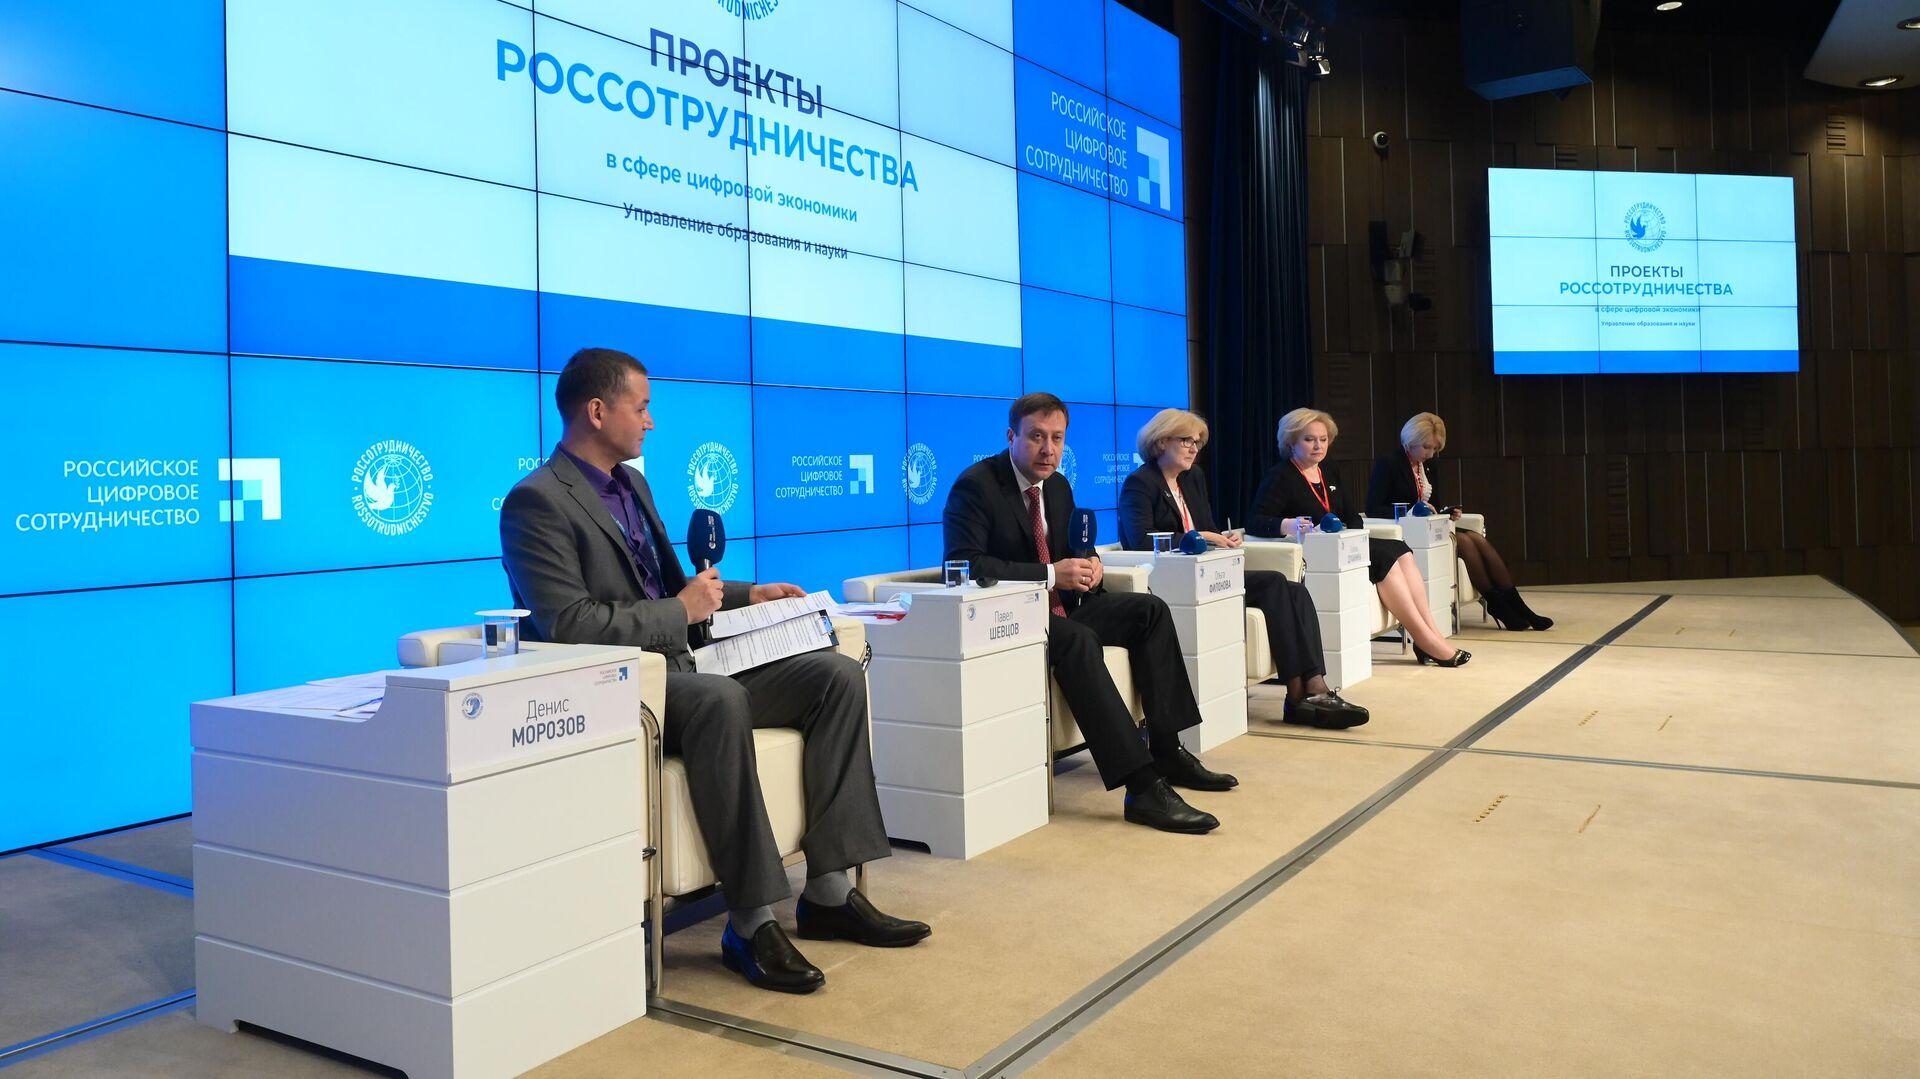 Онлайн-конференция, посвященная итогам реализации в 2019-2020 гг. проектов Россотрудничества - РИА Новости, 1920, 27.11.2020